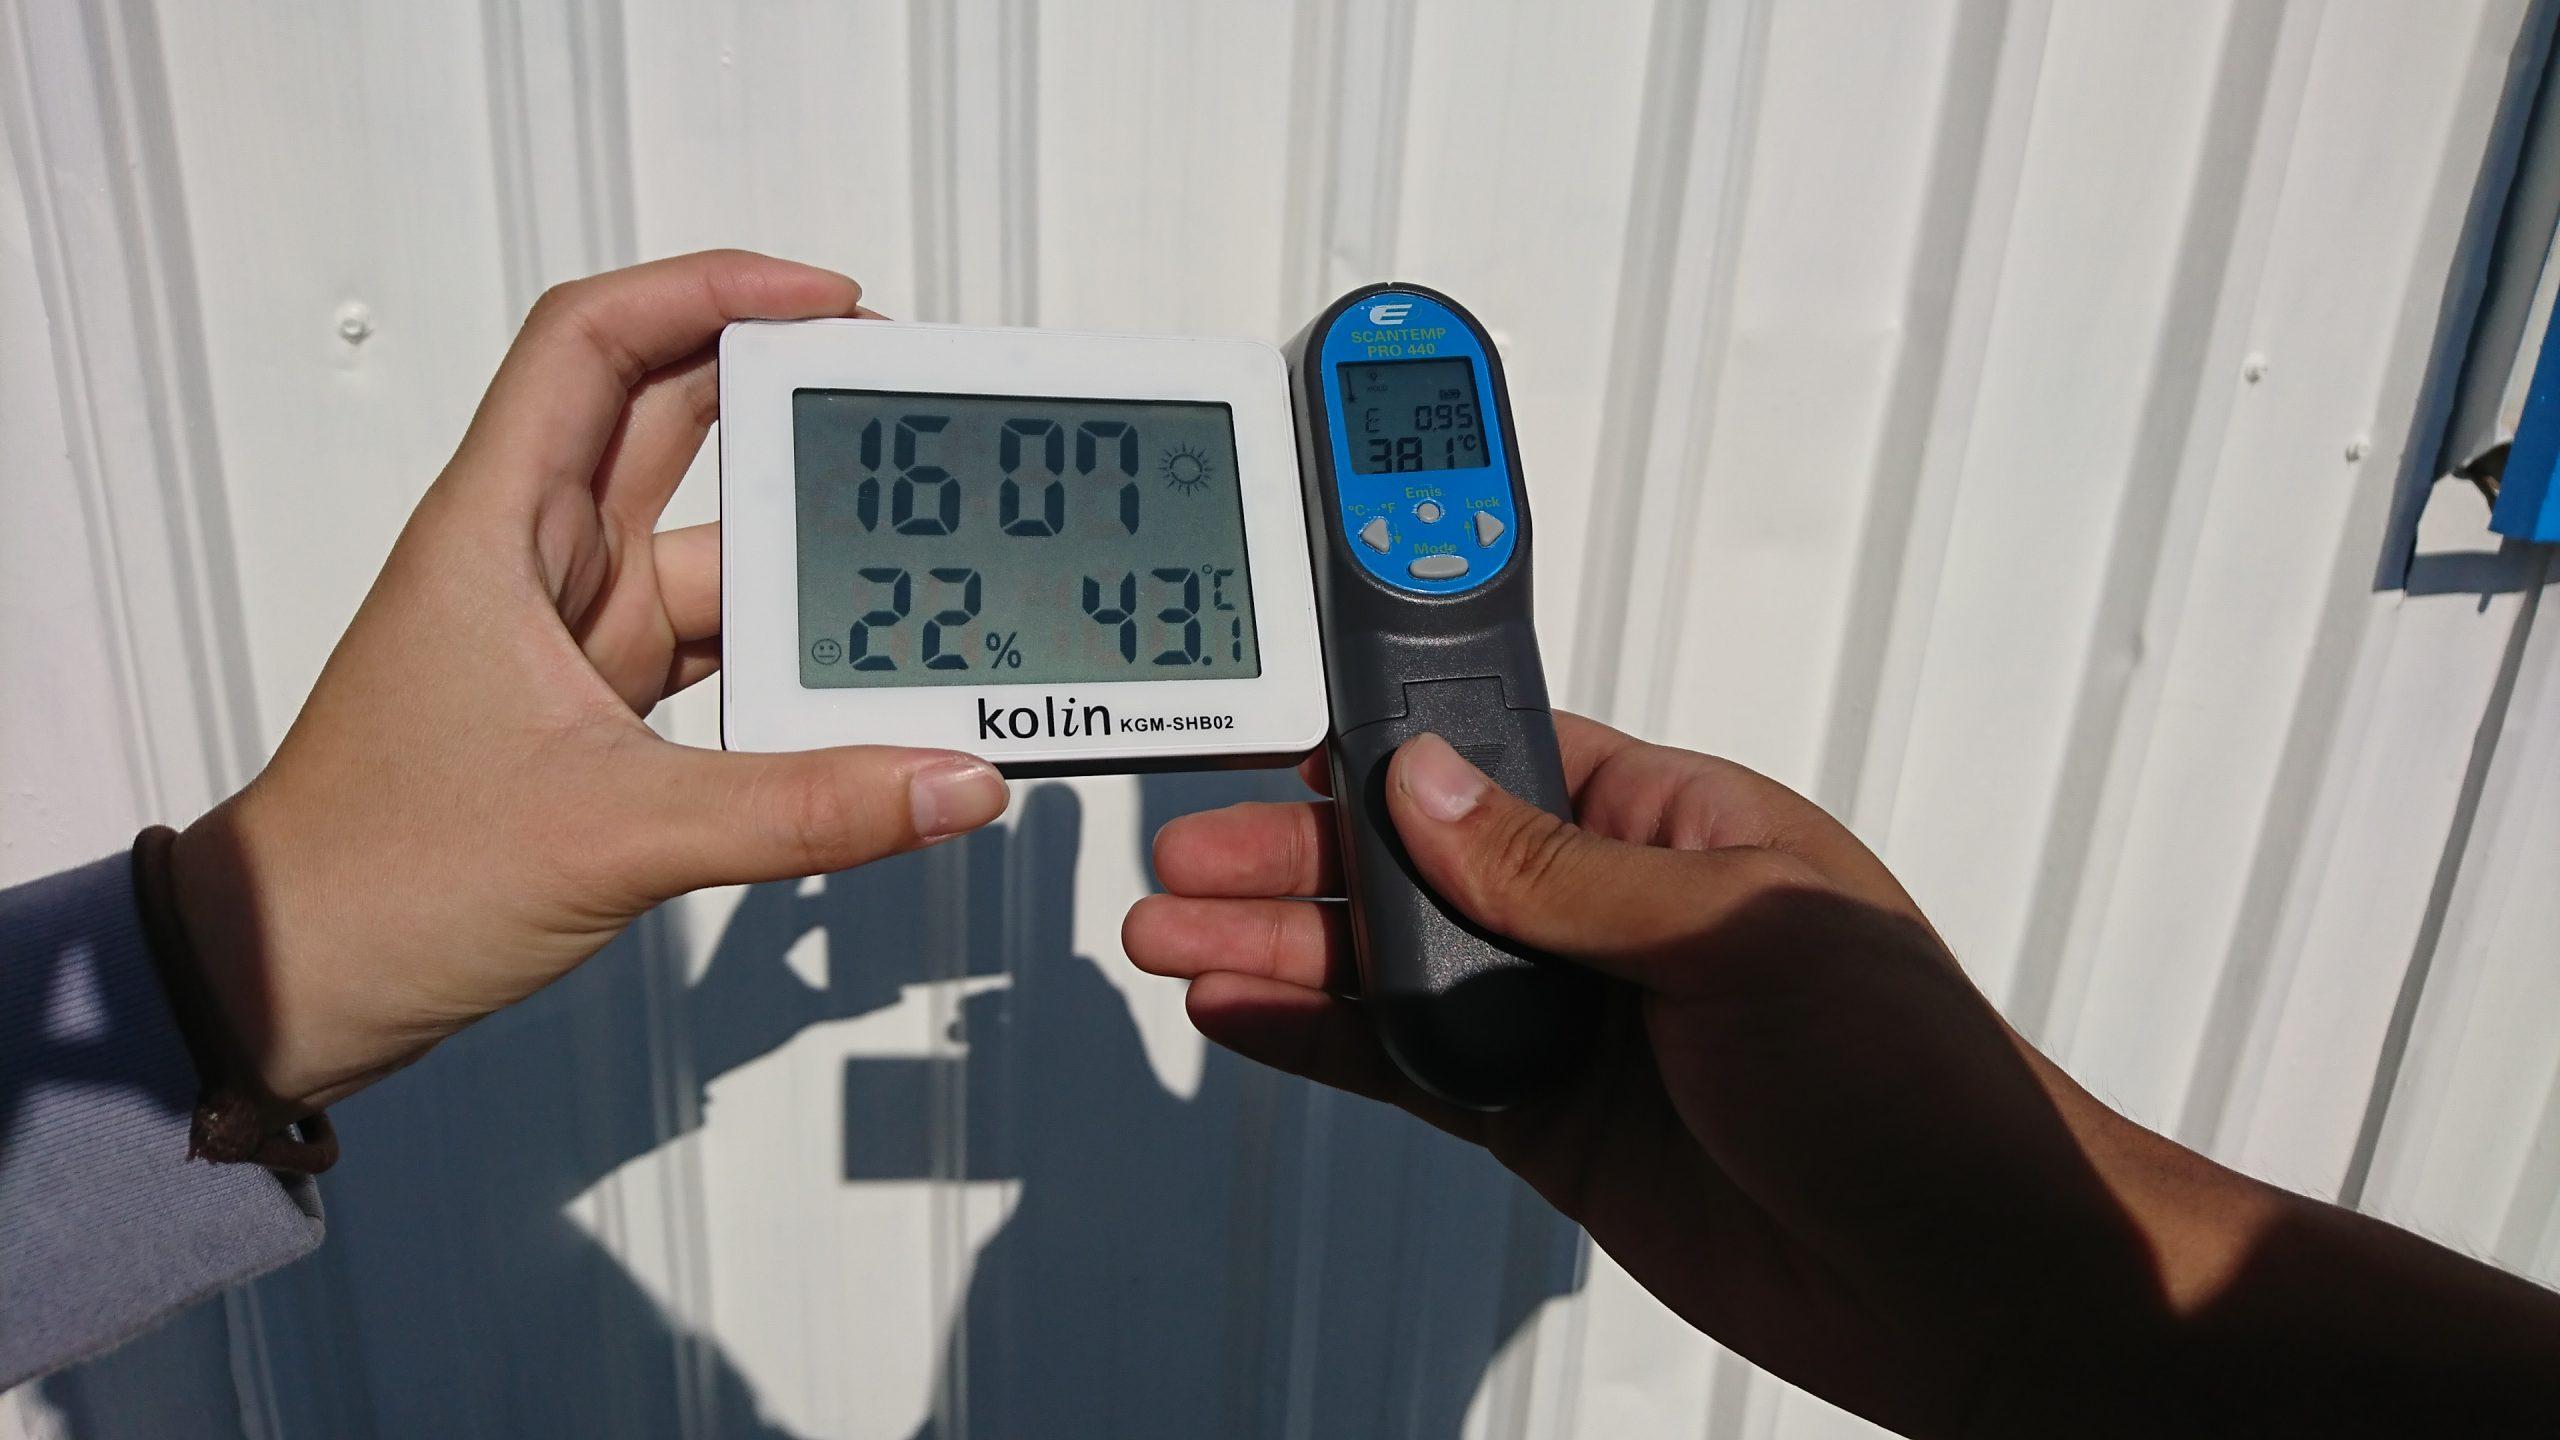 台灣高雄橋頭廠房鐵皮屋使用CGF7600A水性抗污隔熱防水漆後溫度比較,有效隔熱保溫